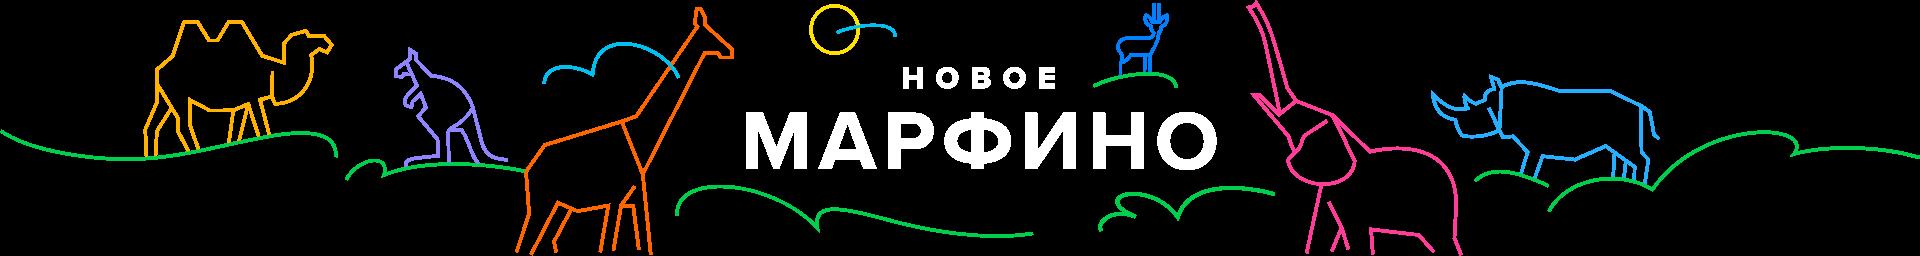 Сообщество жителей ЖК Новое Марфино